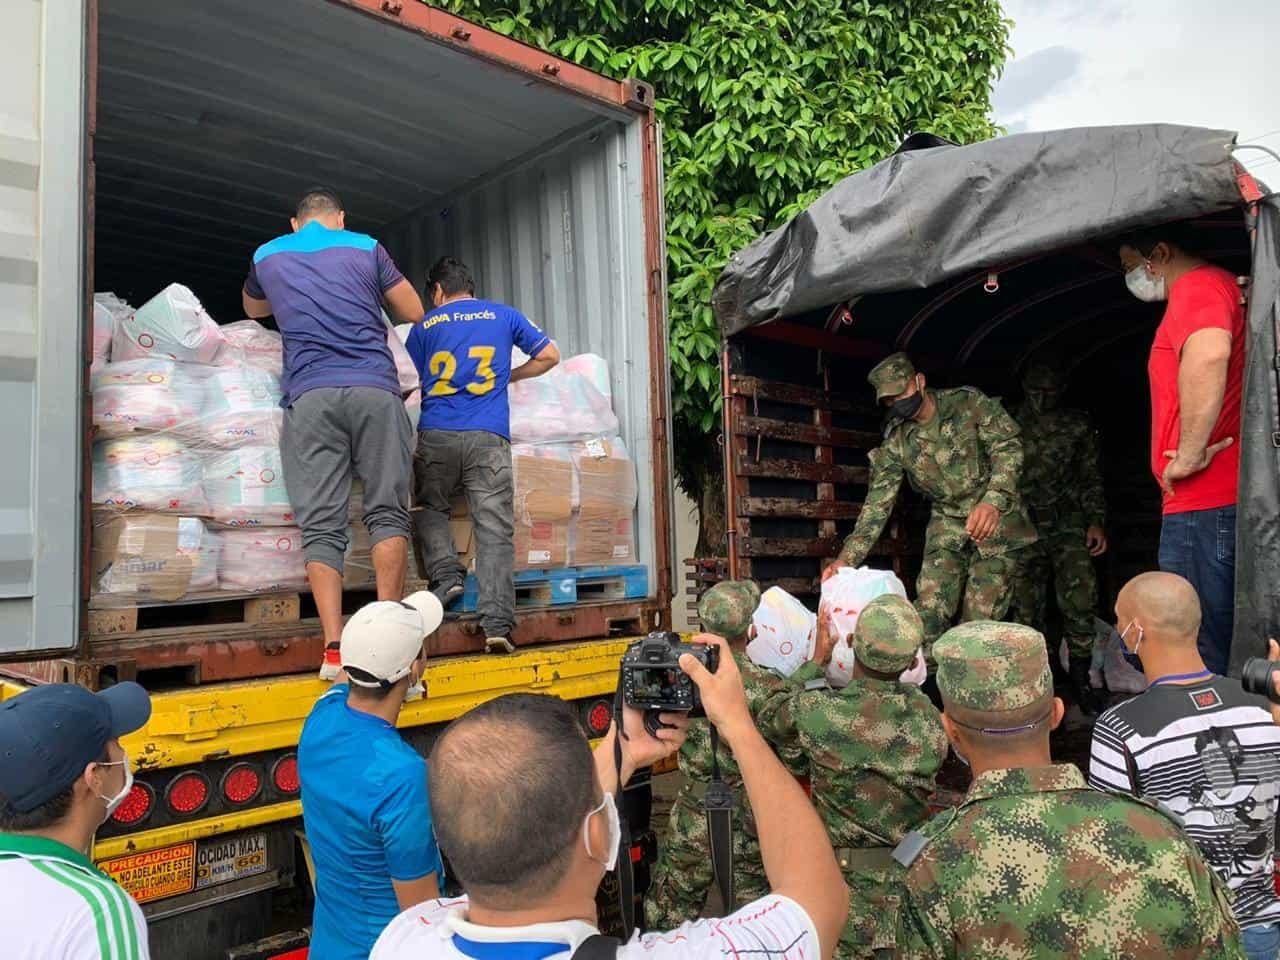 La Organización Sarmiento Angulo culminó entrega de más de 7.000 mercados a familias vulnerables de Boyacá 1